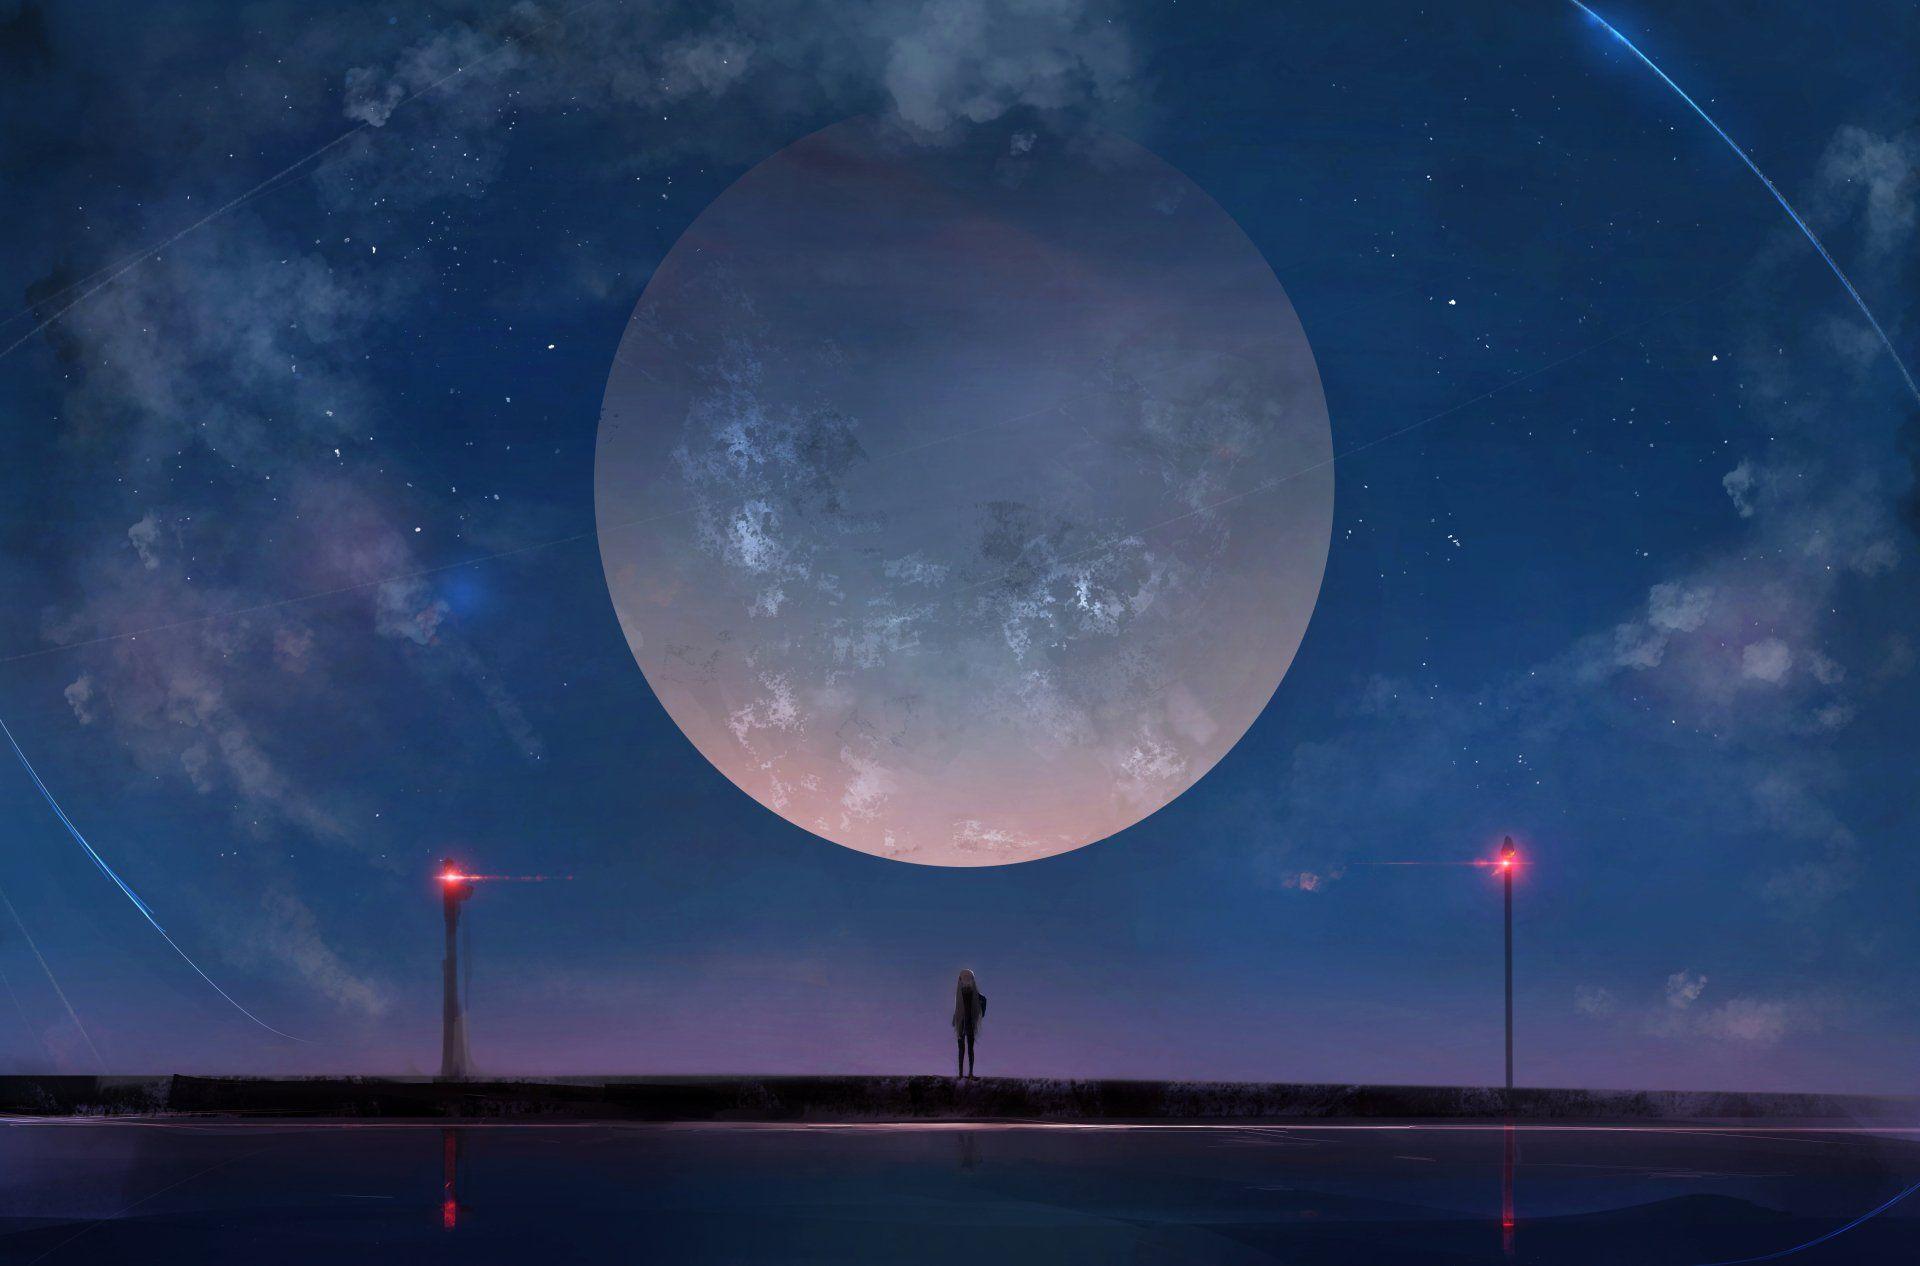 Anime Galaxy Wallpaper Hd Di 2020